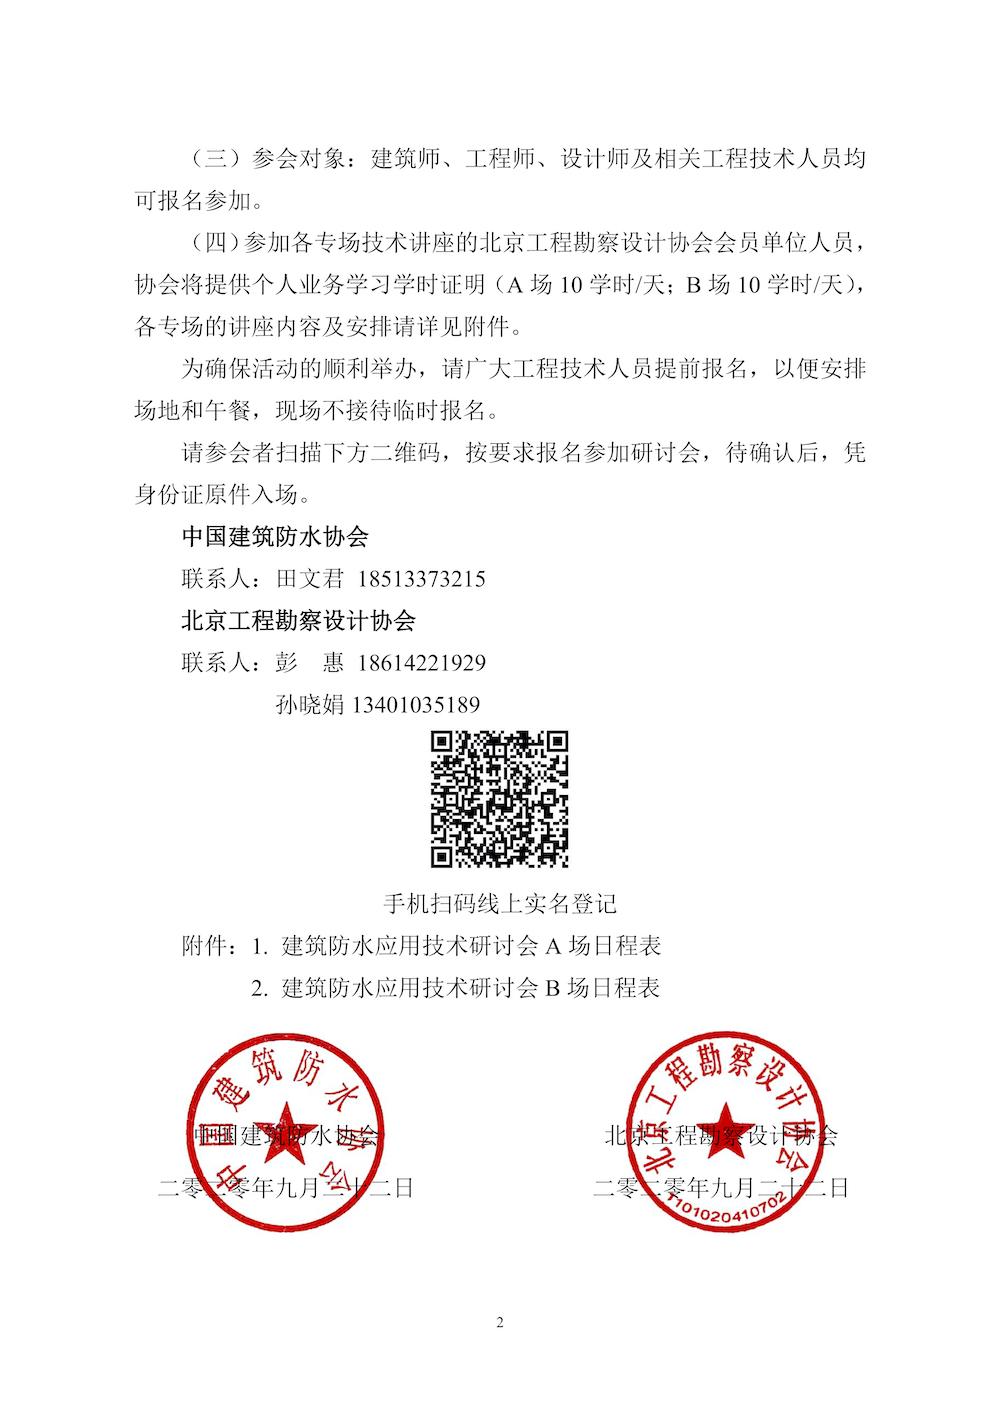 (新)關于報名參加建筑防水應用技術研討會的通知2.jpg